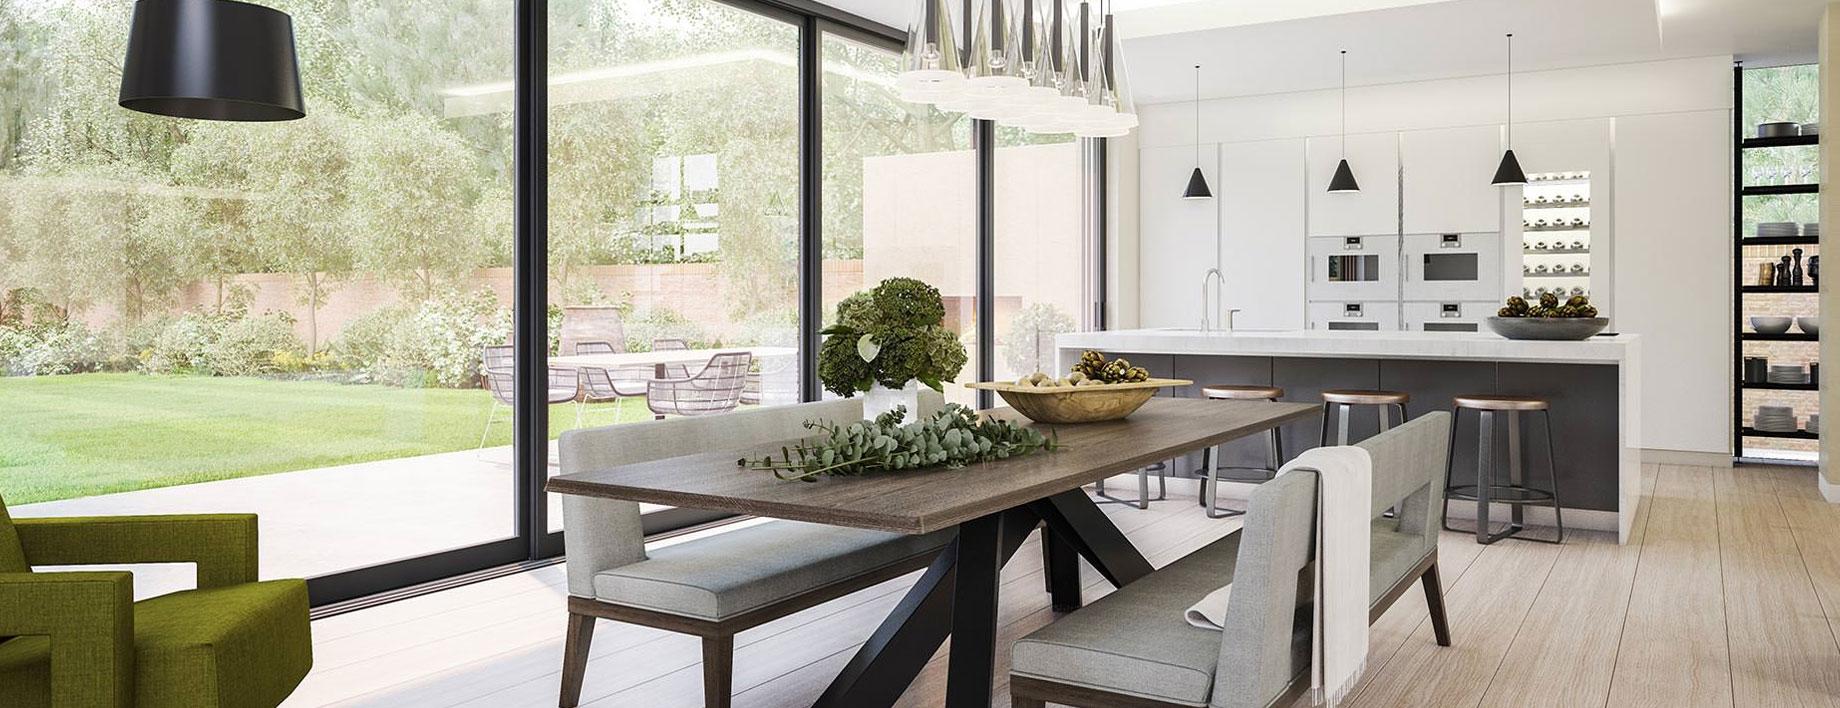 ImmobiliaRE-Veio-salone-con-cucina-e-giardino